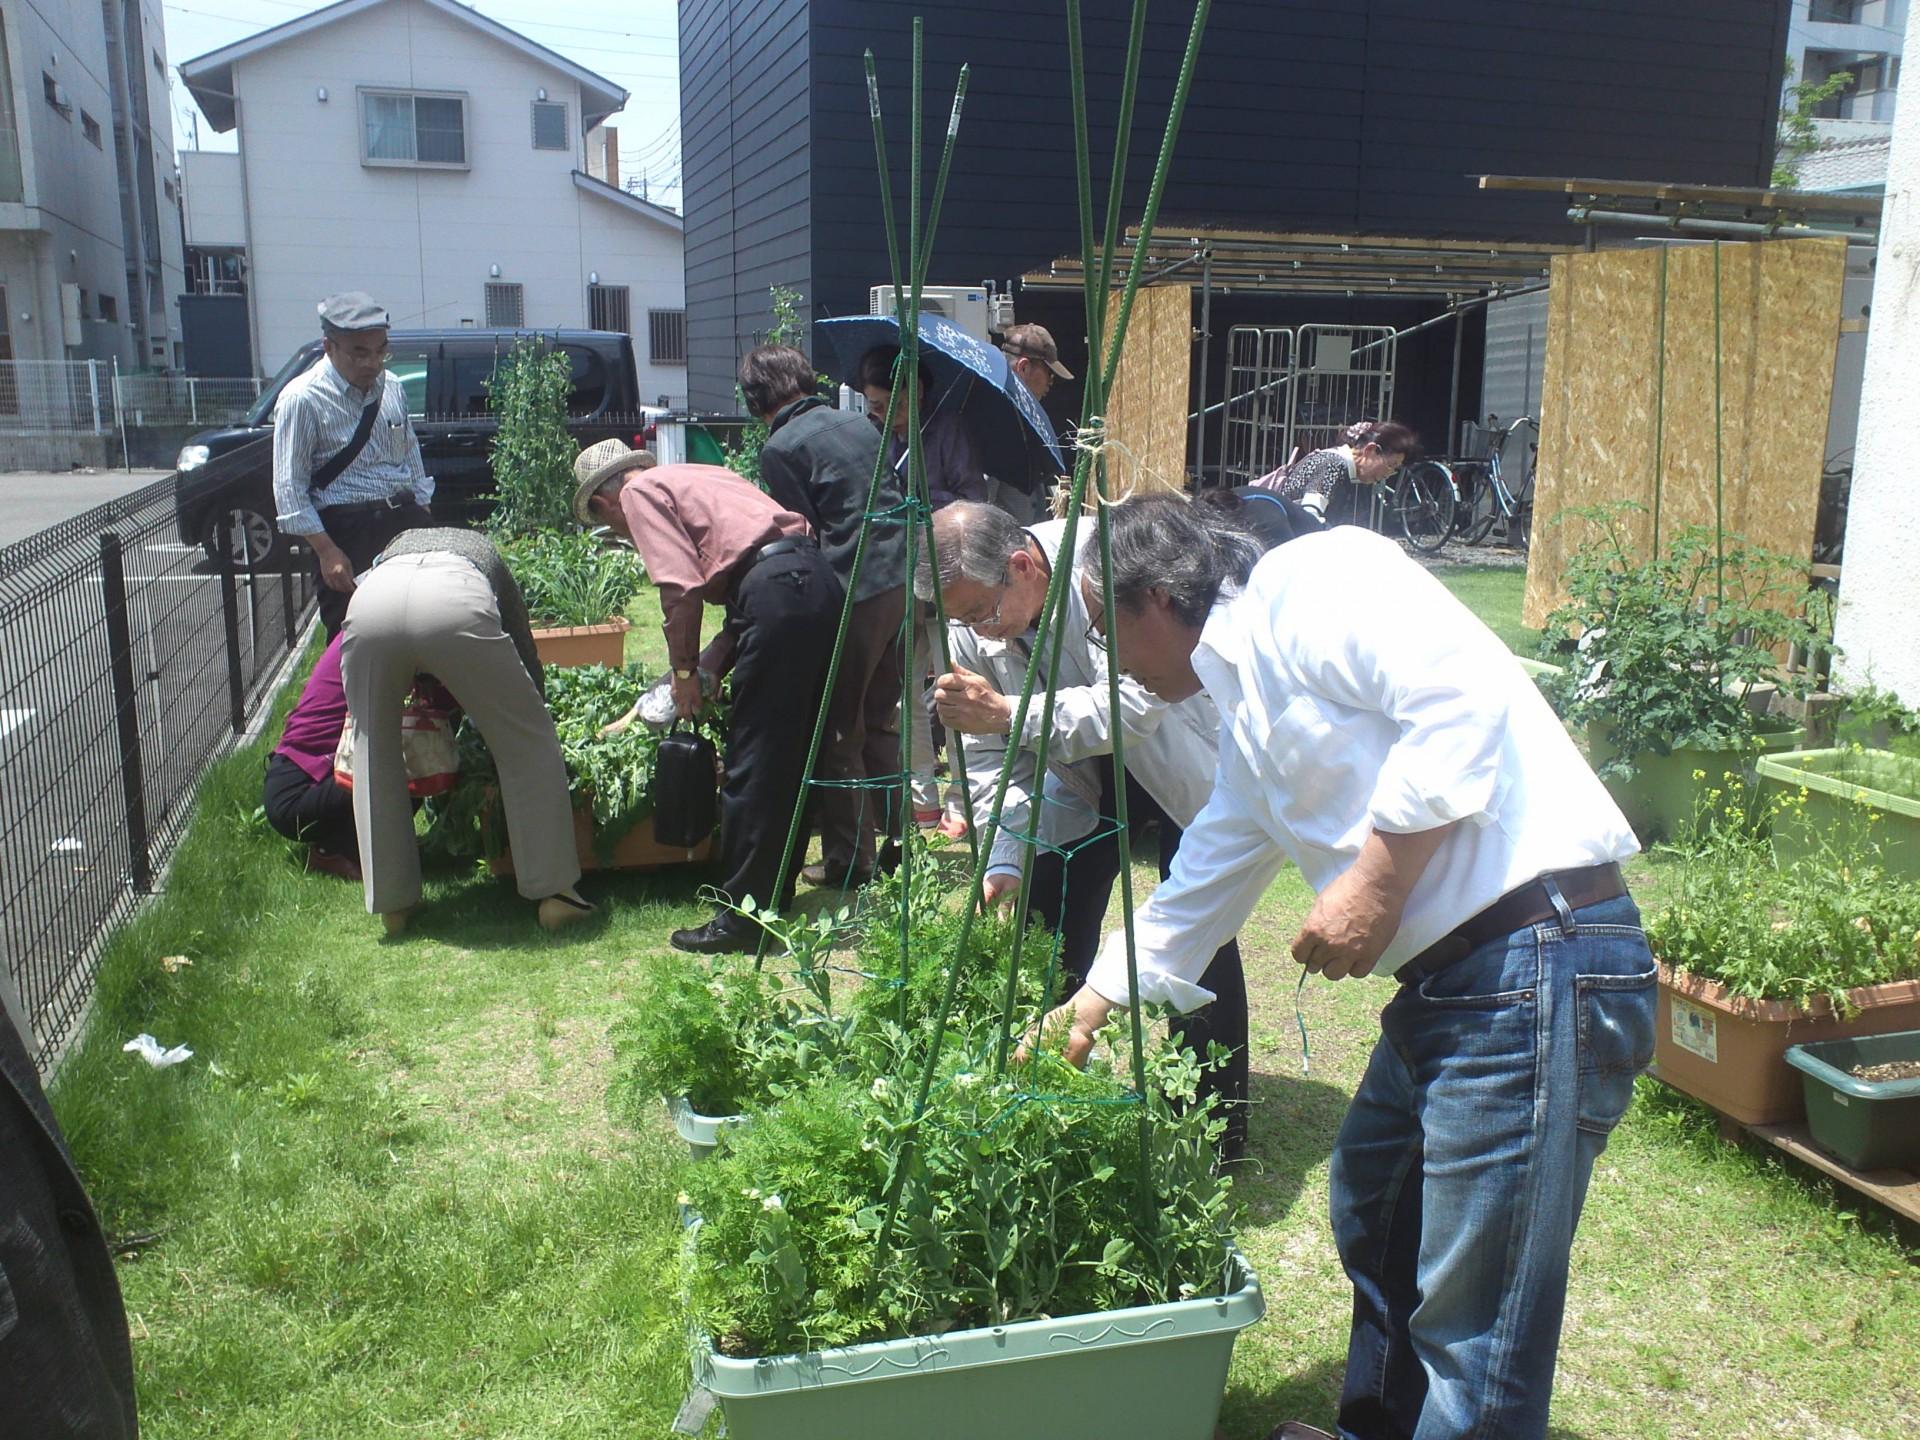 開園式終了後に、高齢者大学の人達が収穫体験。皆さん、これから何を植えようか思いを馳せてらっしゃいます。